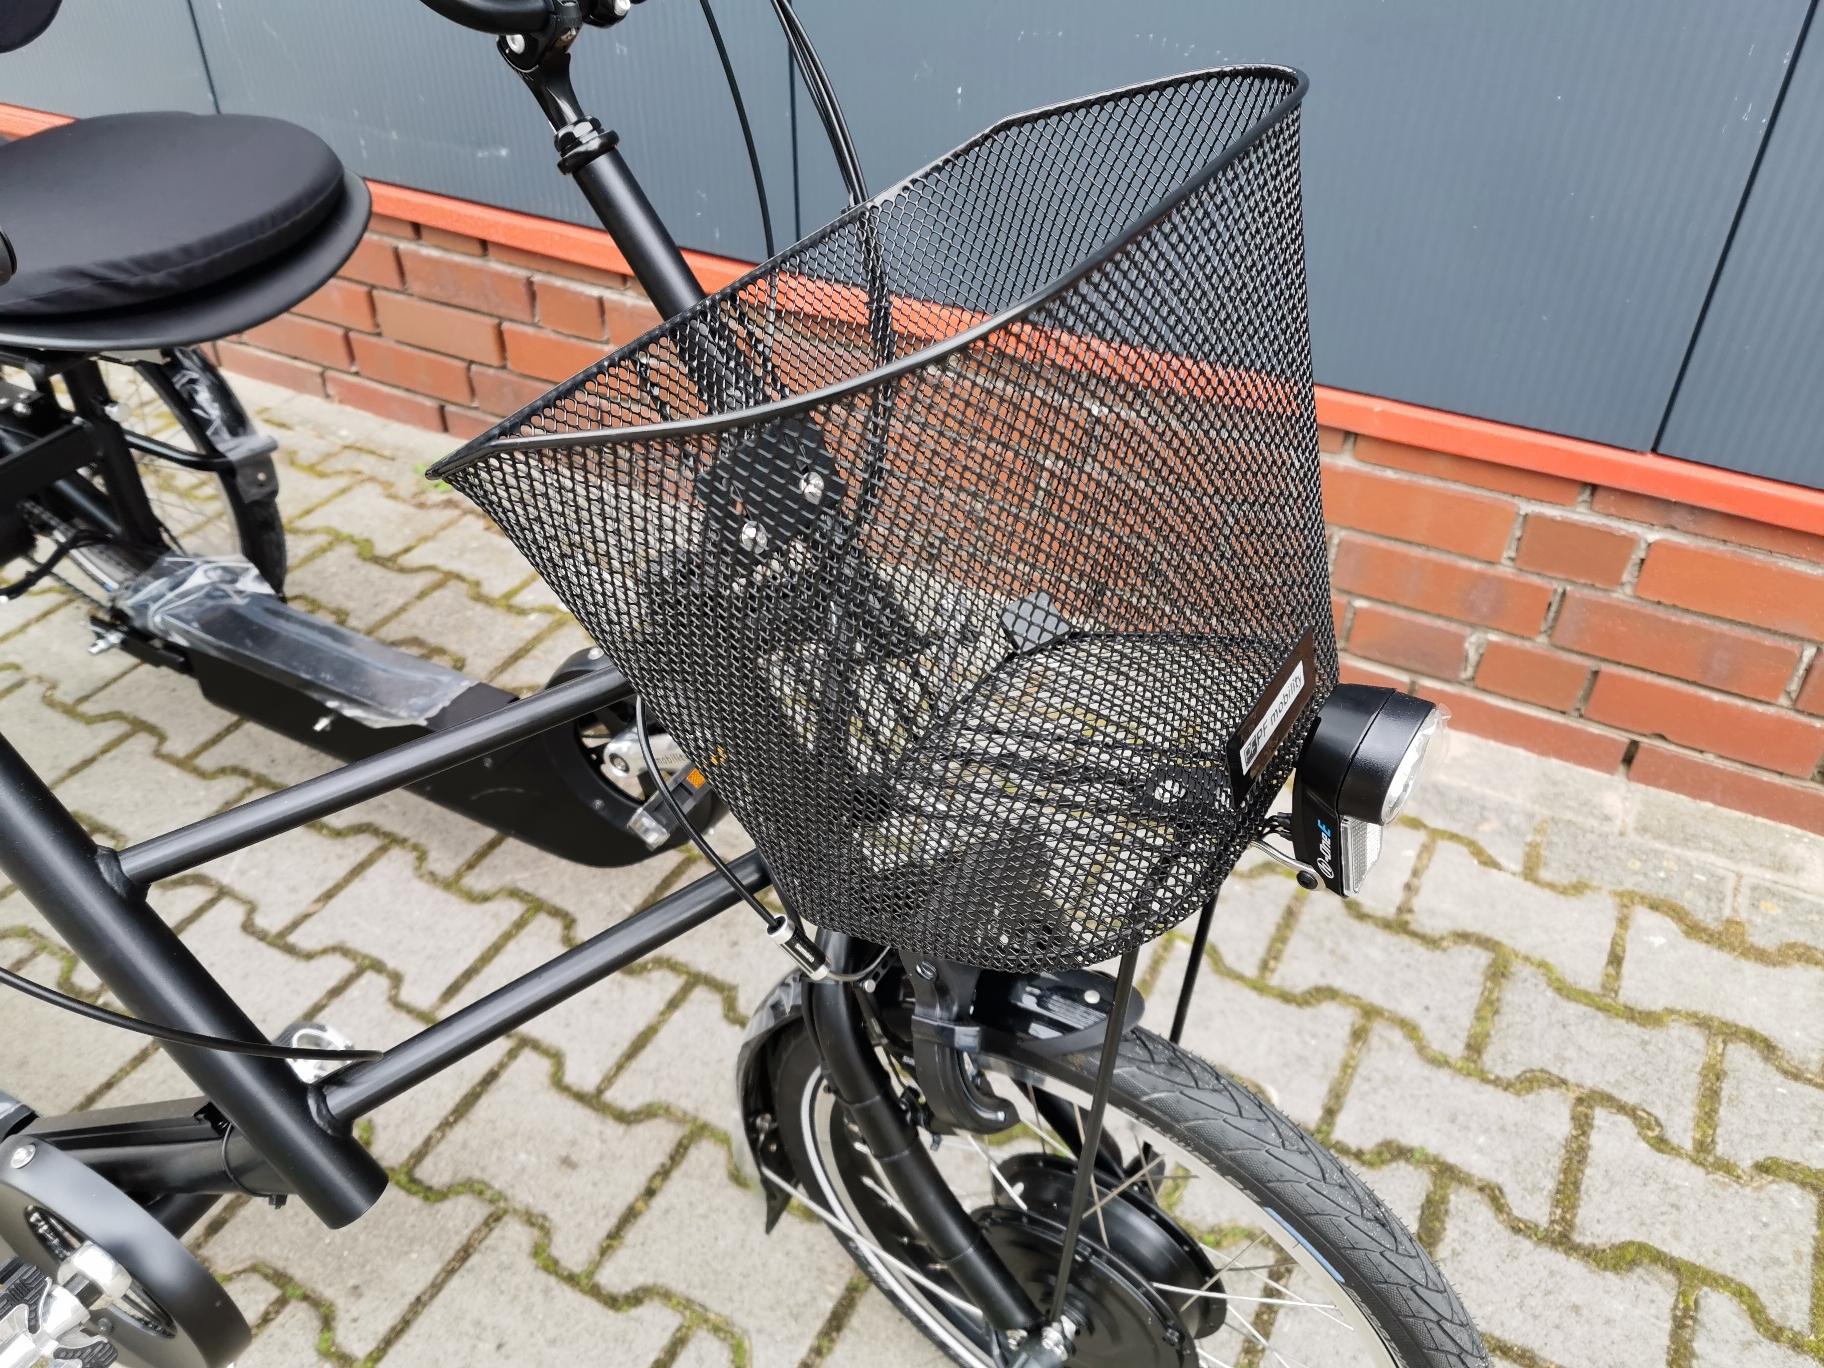 PF DUO Parallel Tandem Sesseldreirad Therapie Elektro Dreirad für Erwachsene